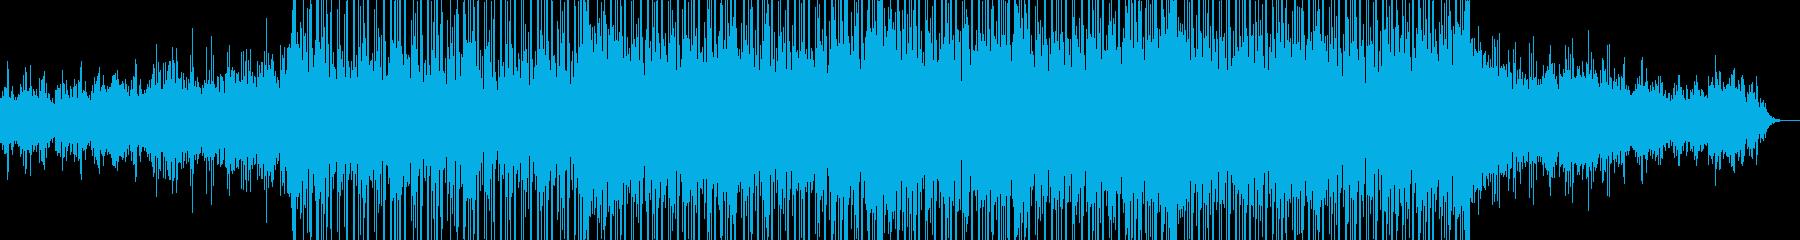 哀愁感と幻想感のあるチルアウトサウンドの再生済みの波形